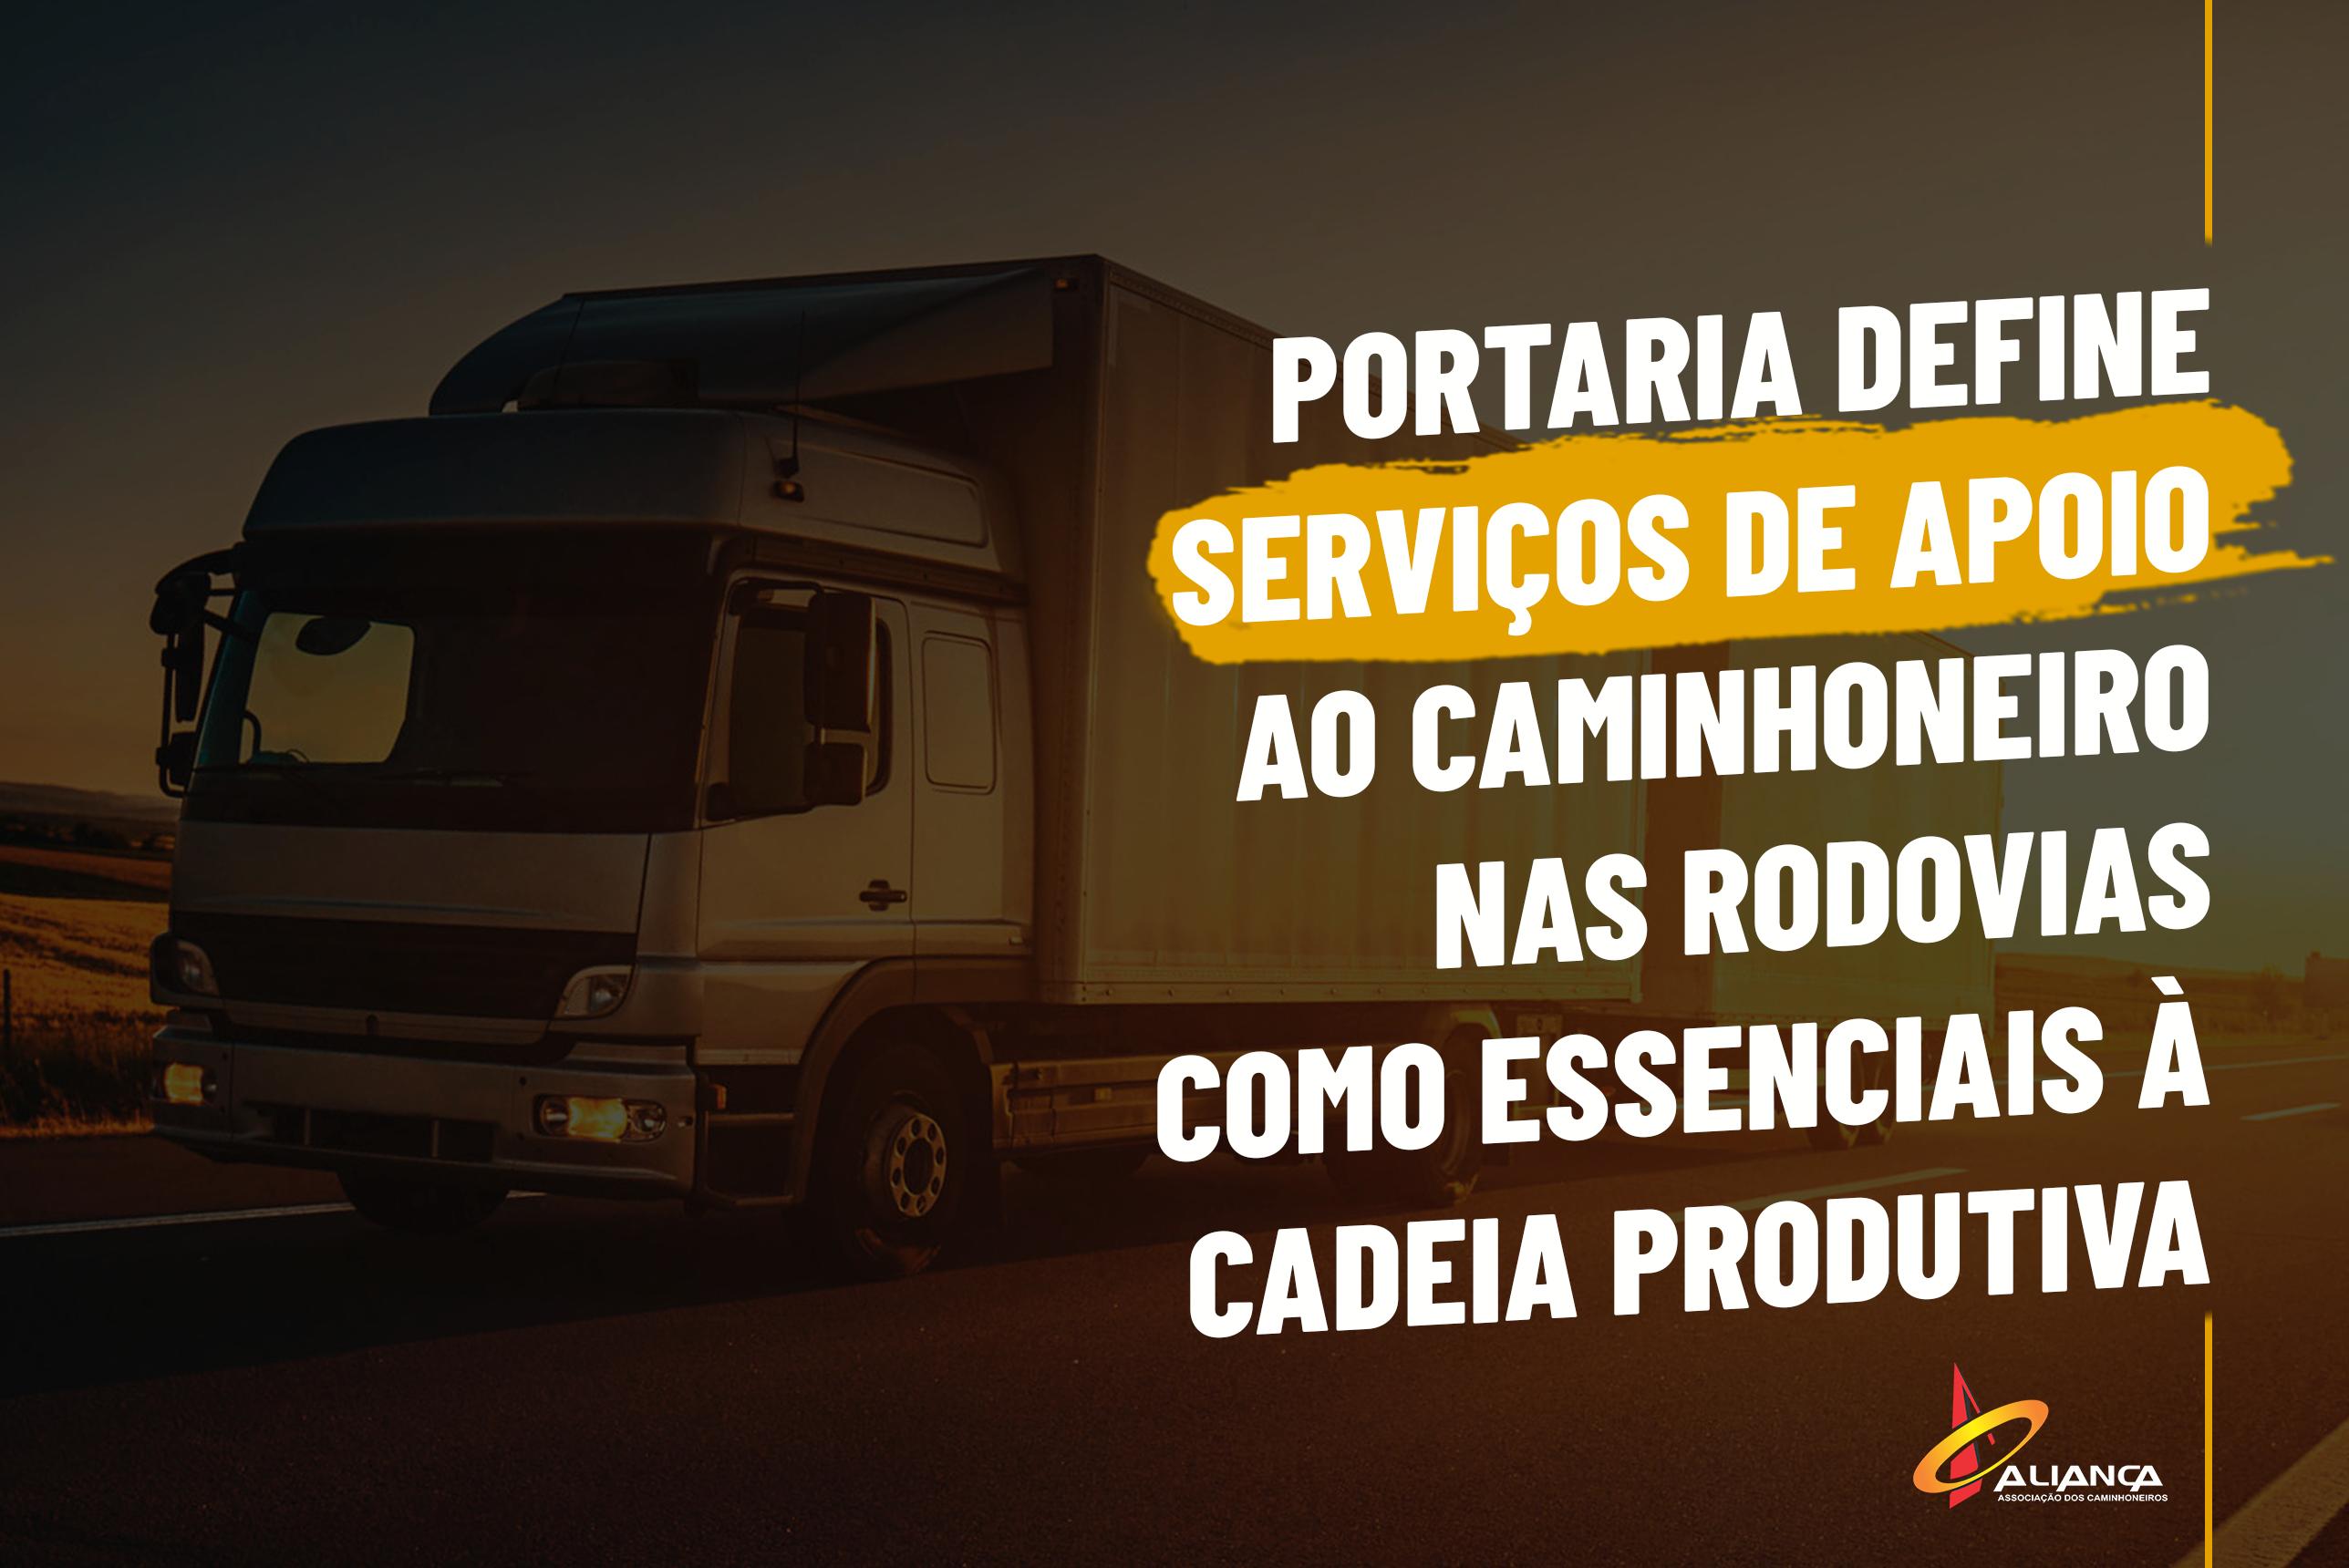 Portaria define serviços de apoio ao caminhoneiro nas rodovias como essenciais à cadeia produtiva